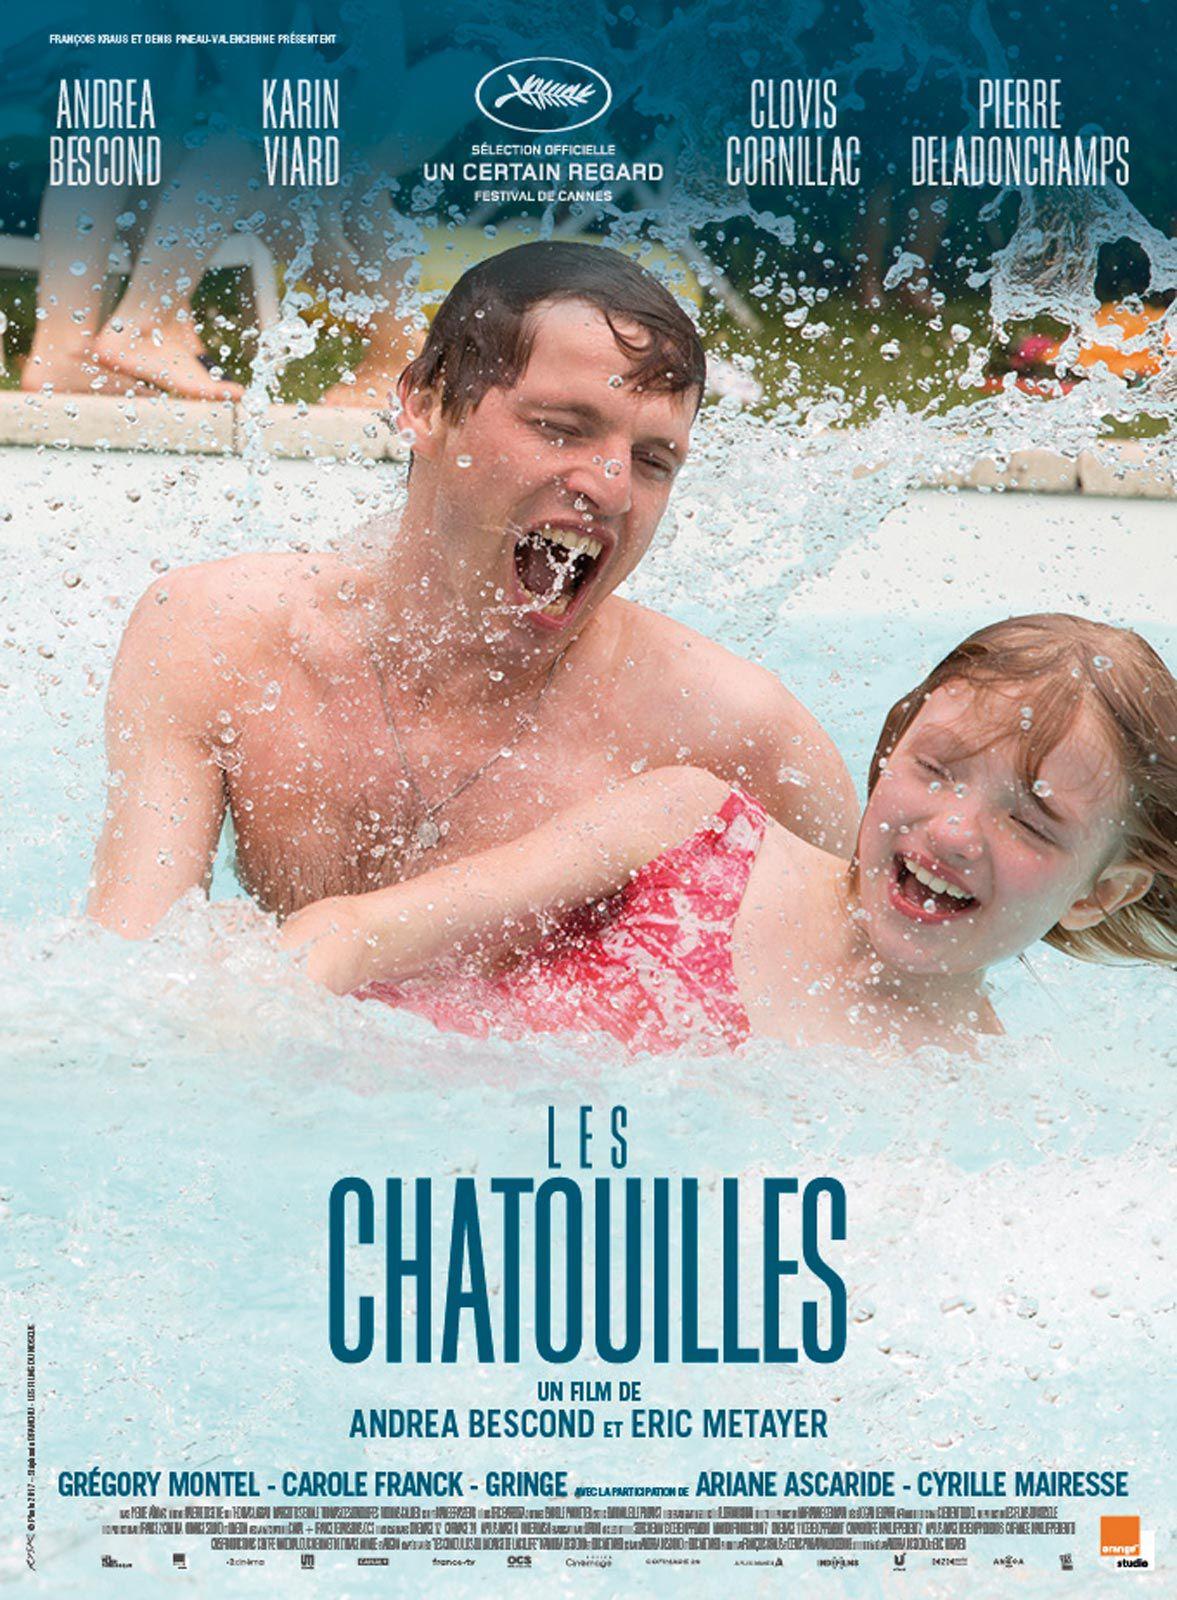 Les Chatouilles - Film (2018)